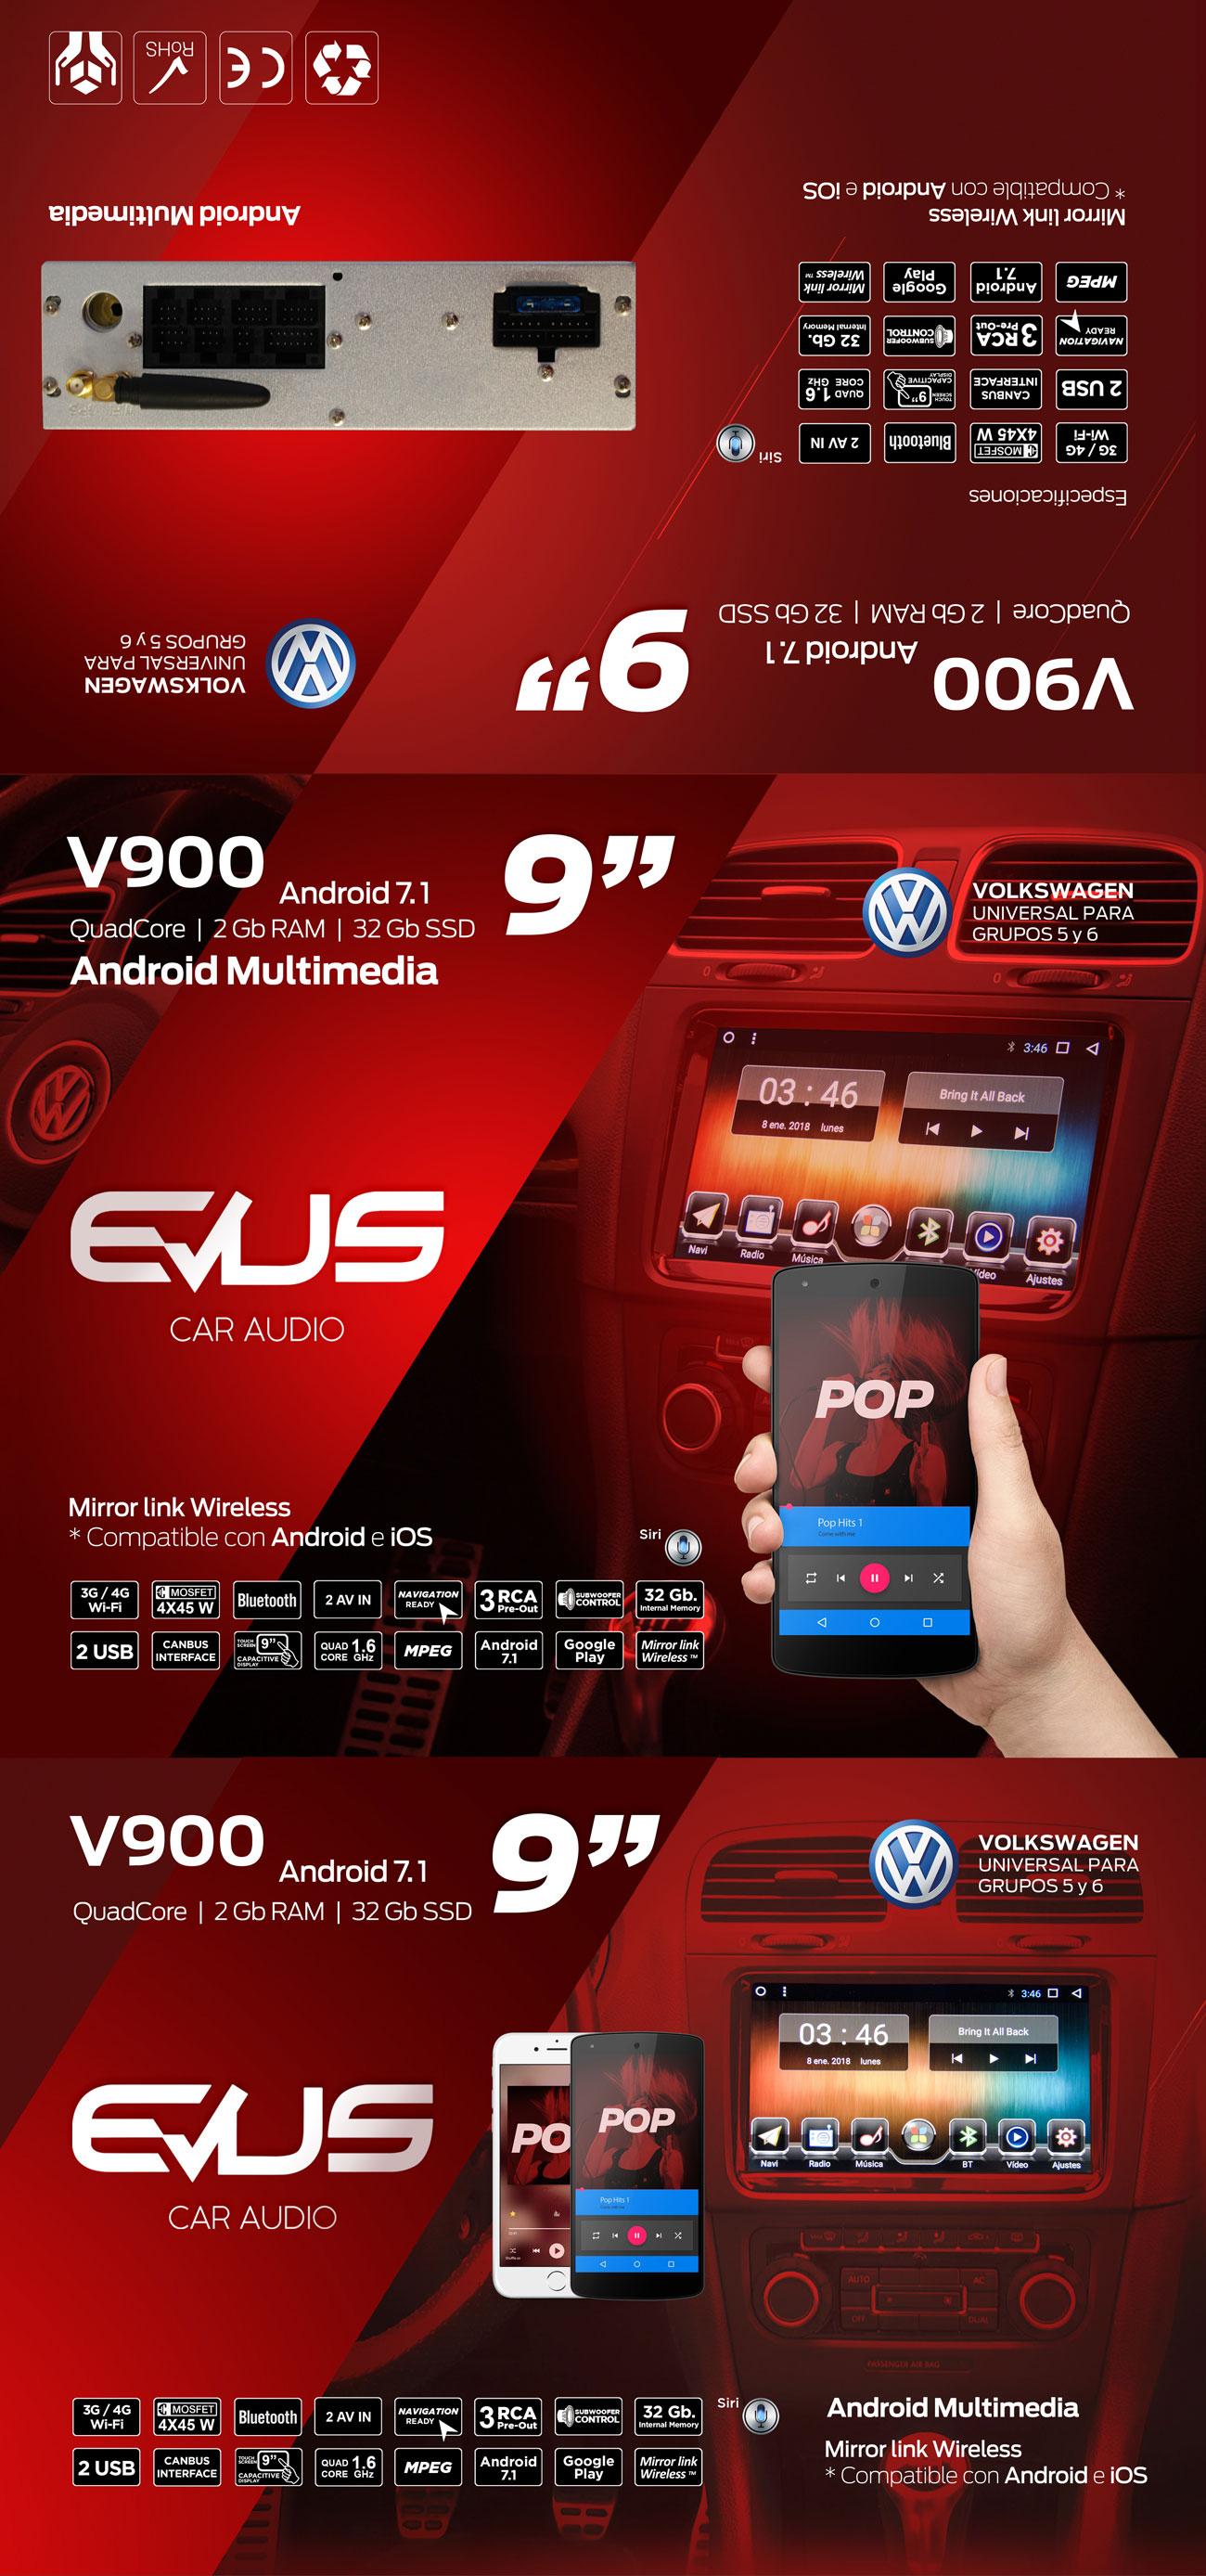 Visión en detalle de la faja protectora corporativa para el nuevo V900